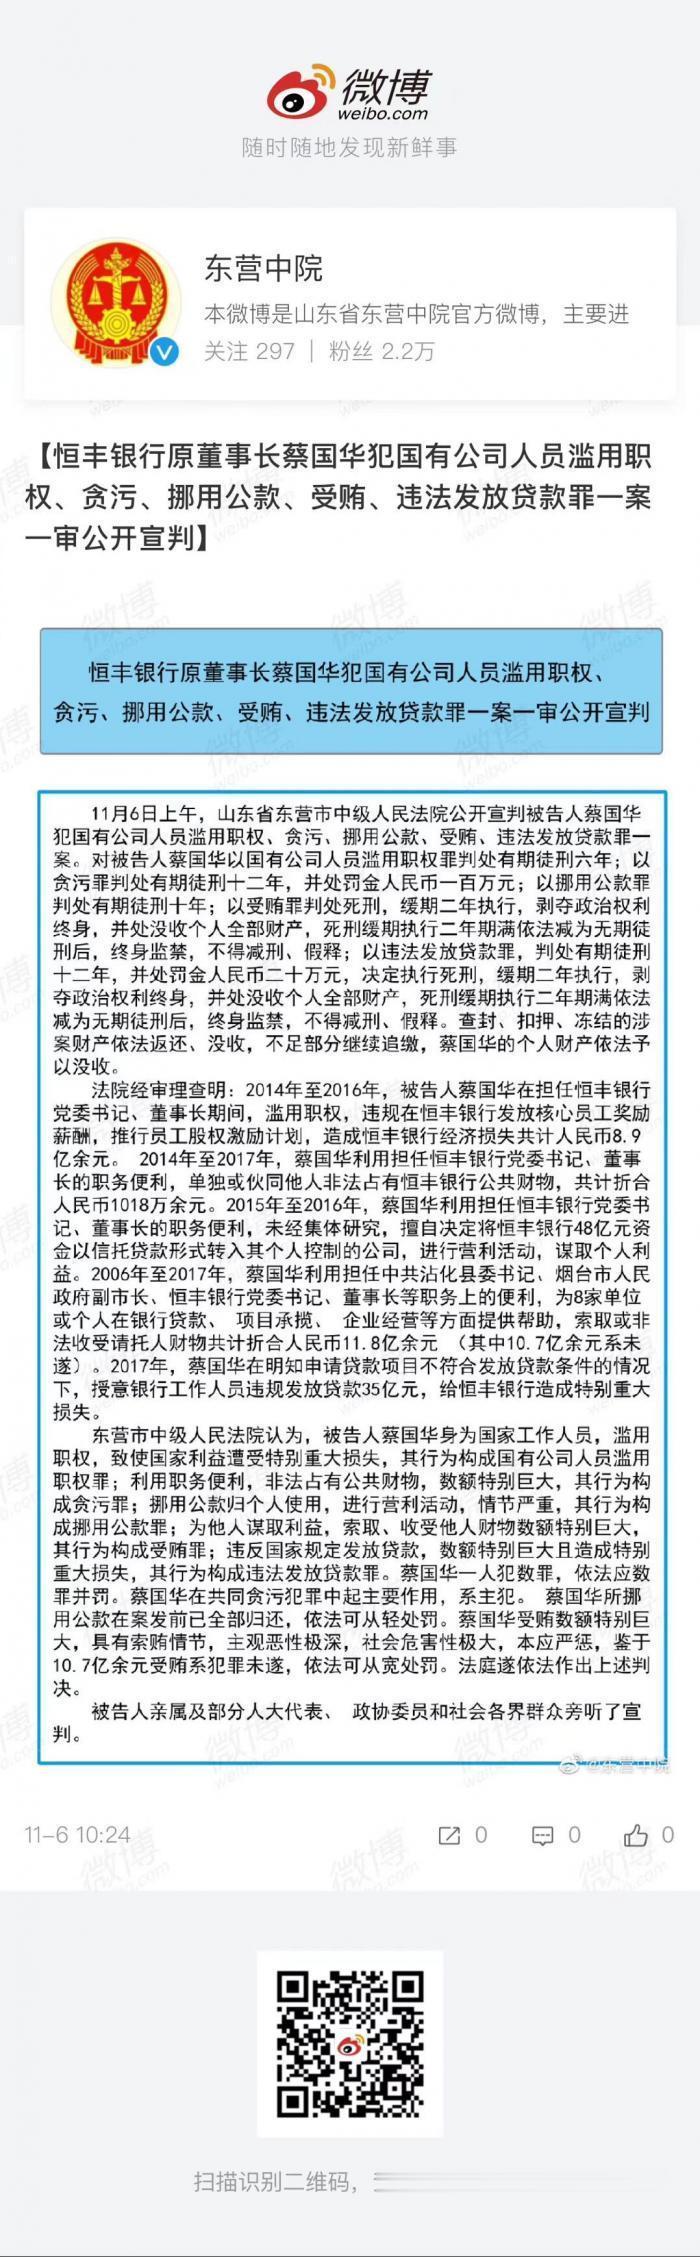 【路多看】恒丰银行原董事长被判死缓 具体怎么回事